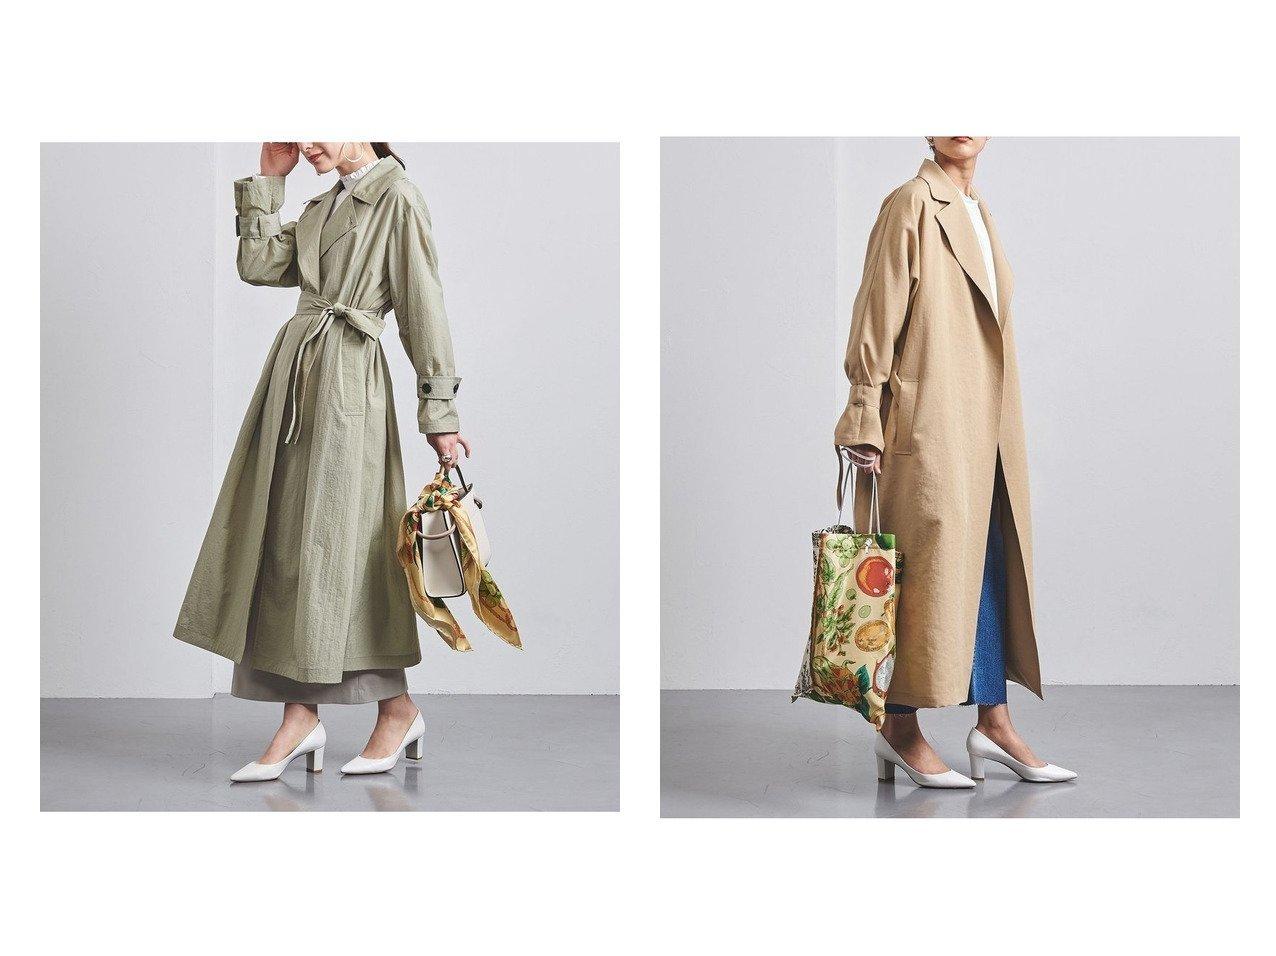 【UNITED ARROWS/ユナイテッドアローズ】のUBC NY テーラード ベルトコート†&P ドルマン テーラードコート† アウターのおすすめ!人気、トレンド・レディースファッションの通販 おすすめで人気の流行・トレンド、ファッションの通販商品 メンズファッション・キッズファッション・インテリア・家具・レディースファッション・服の通販 founy(ファニー) https://founy.com/ ファッション Fashion レディースファッション WOMEN アウター Coat Outerwear コート Coats ジャケット Jackets ベルト Belts NEW・新作・新着・新入荷 New Arrivals インナー ガウン ジャケット ドレープ 再入荷 Restock/Back in Stock/Re Arrival 冬 Winter 切替 テーラード フロント |ID:crp329100000011879